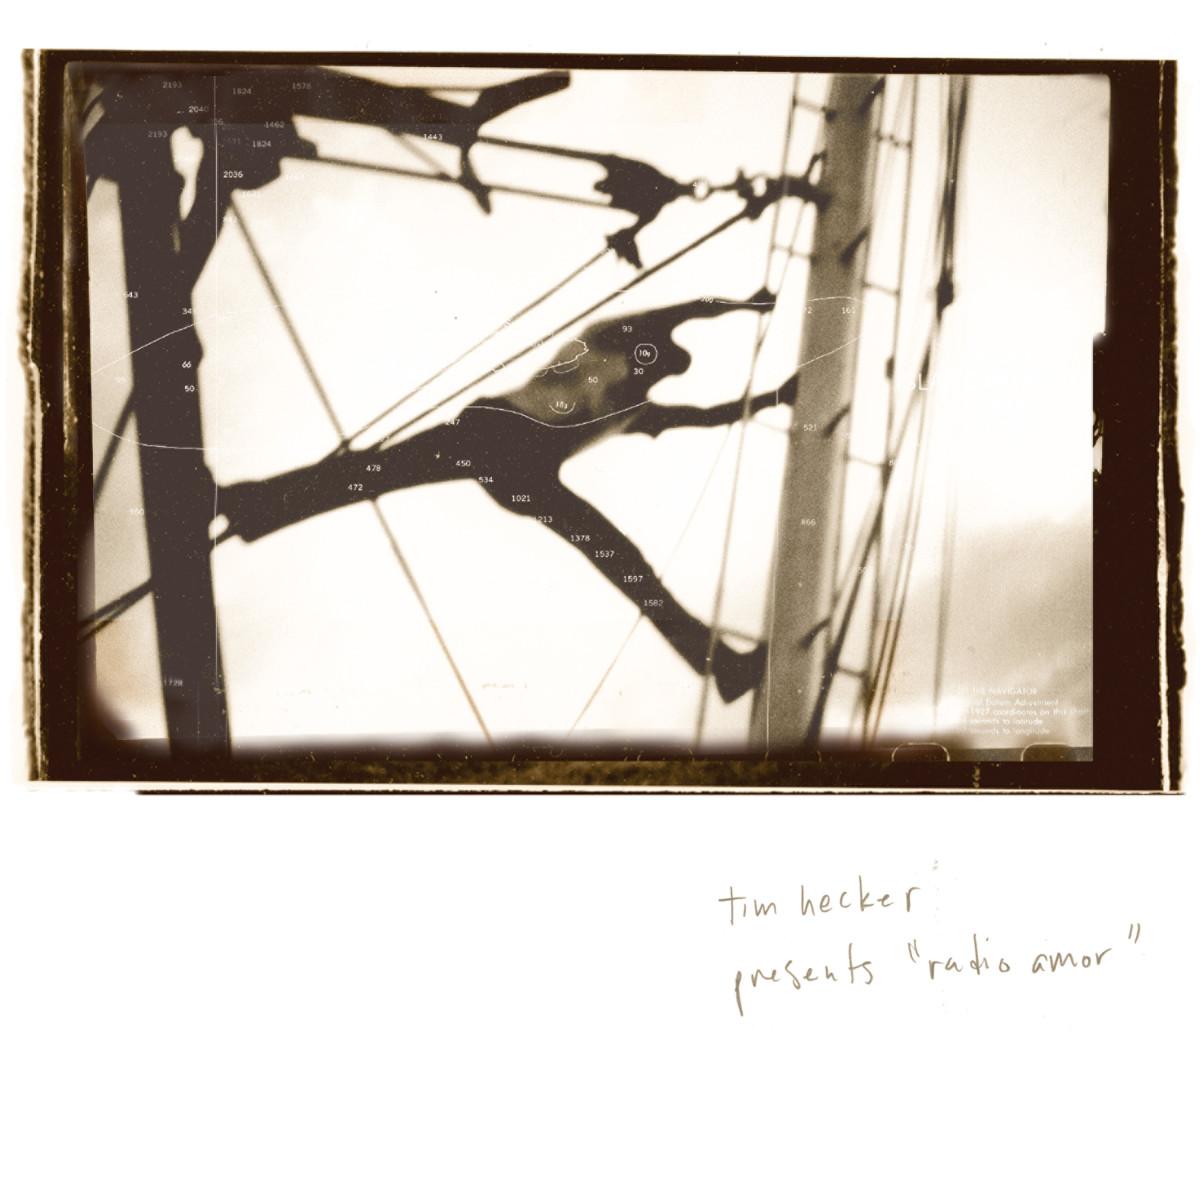 Tim Hecker vinyl reissues